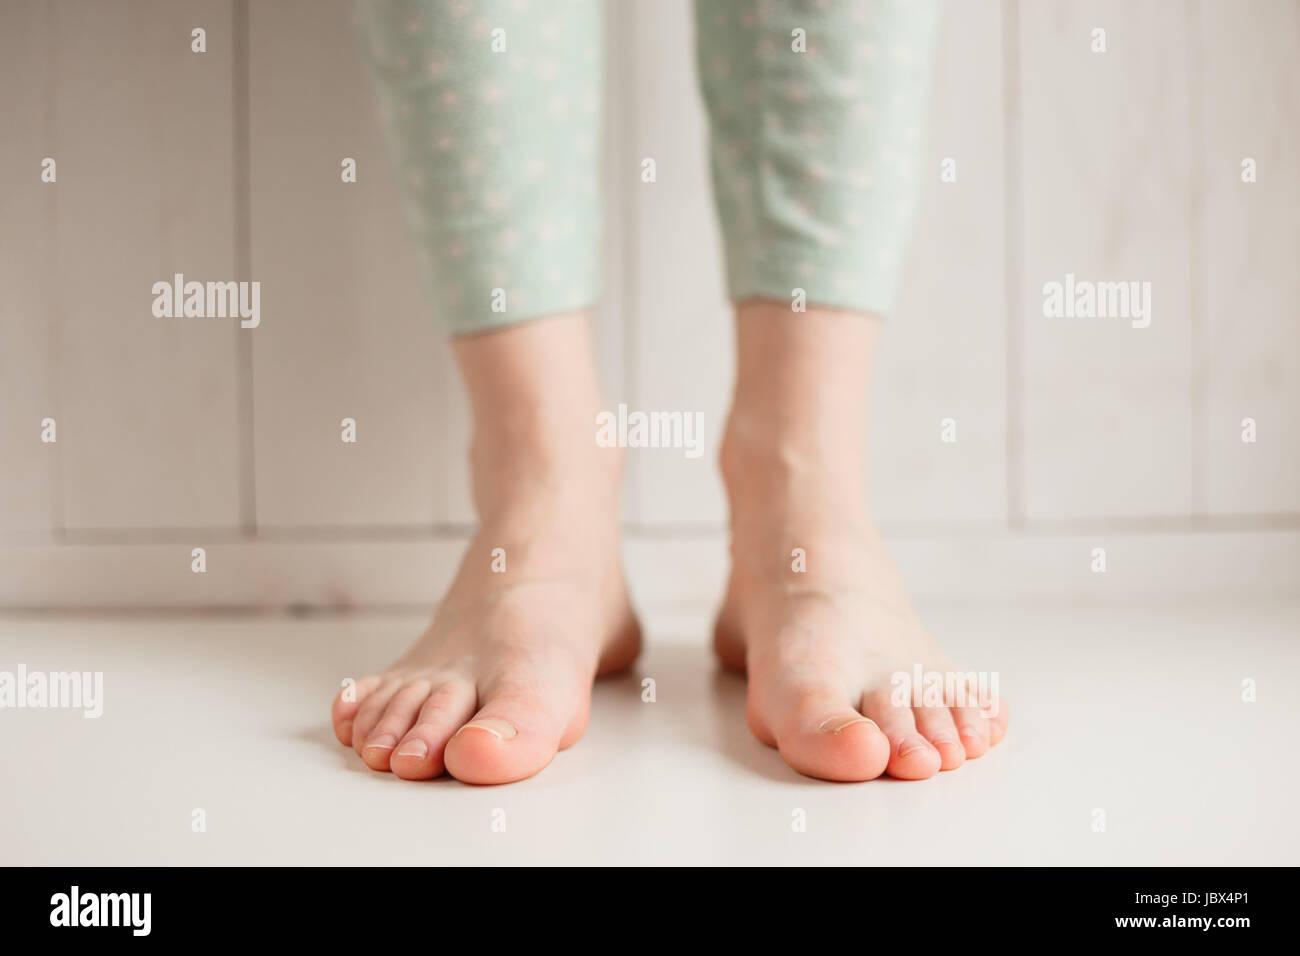 Les pieds nus d'une jeune fille assez des chaussures inconfortables, close-up. Photo Stock